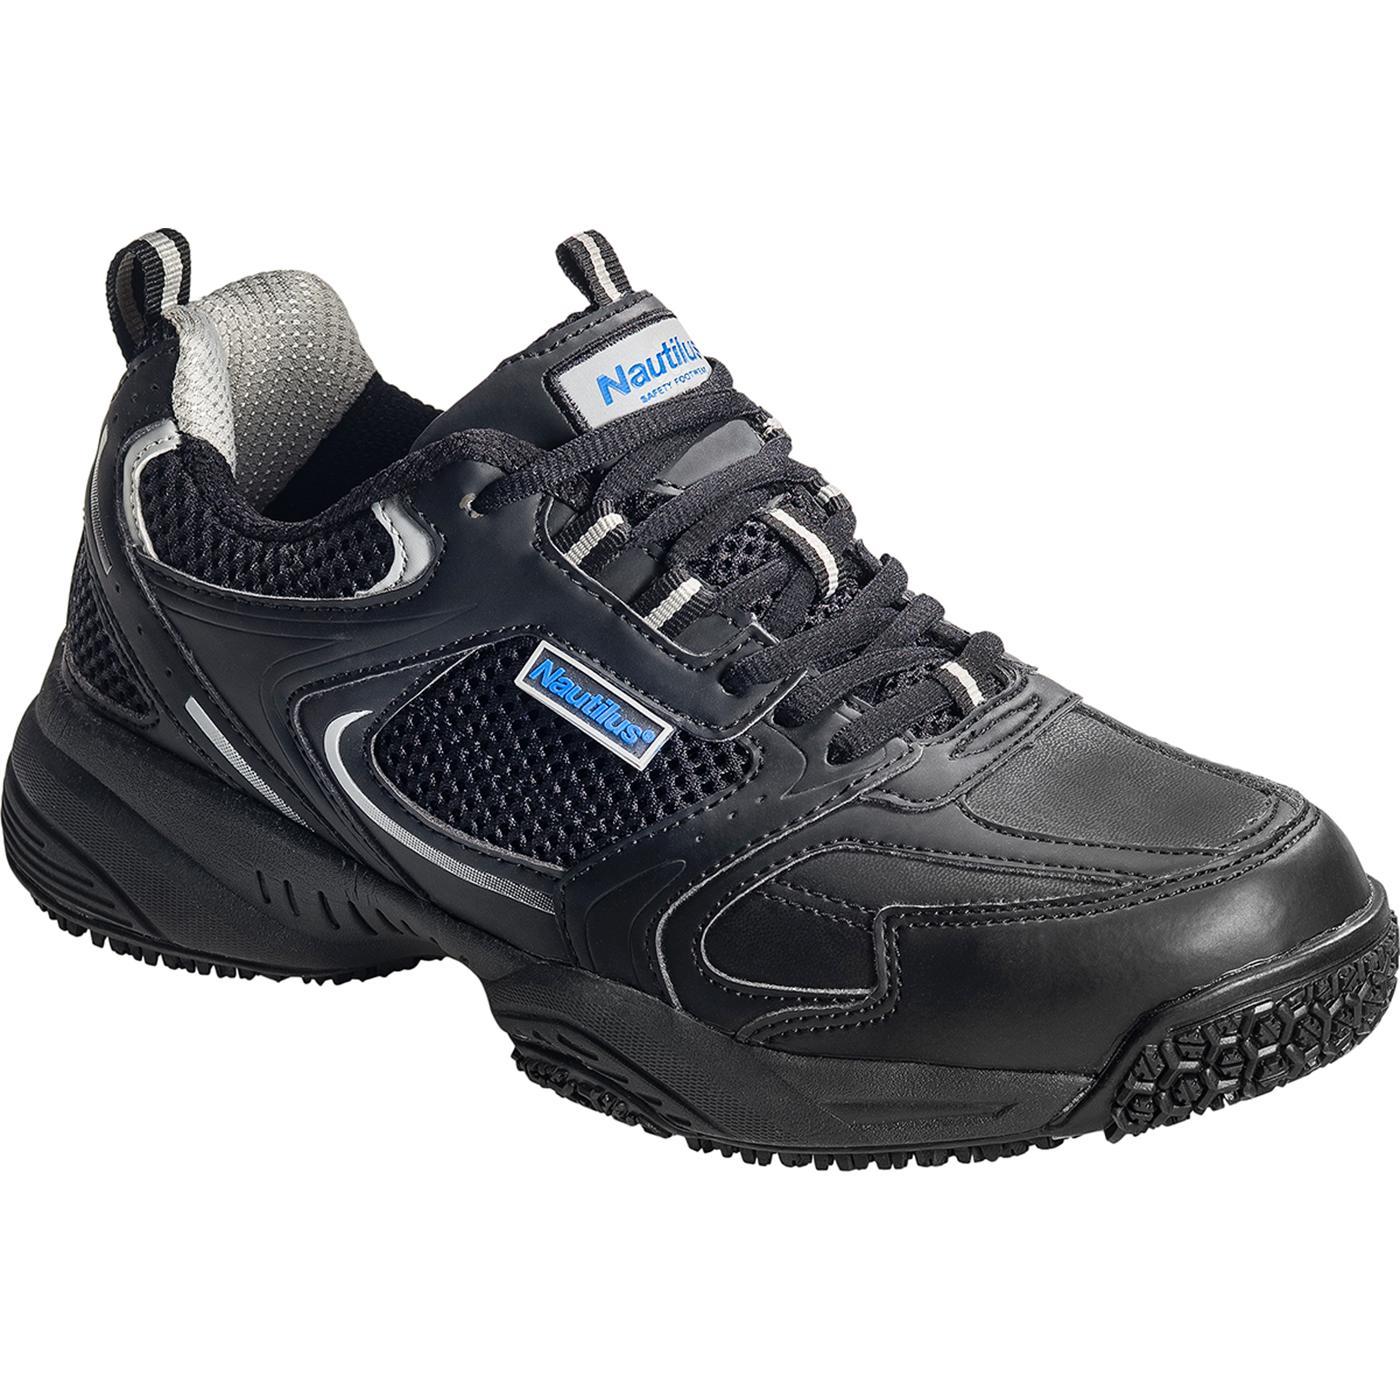 Men's Steel Toe Black Work Athletic Shoe, Nautilus N2111